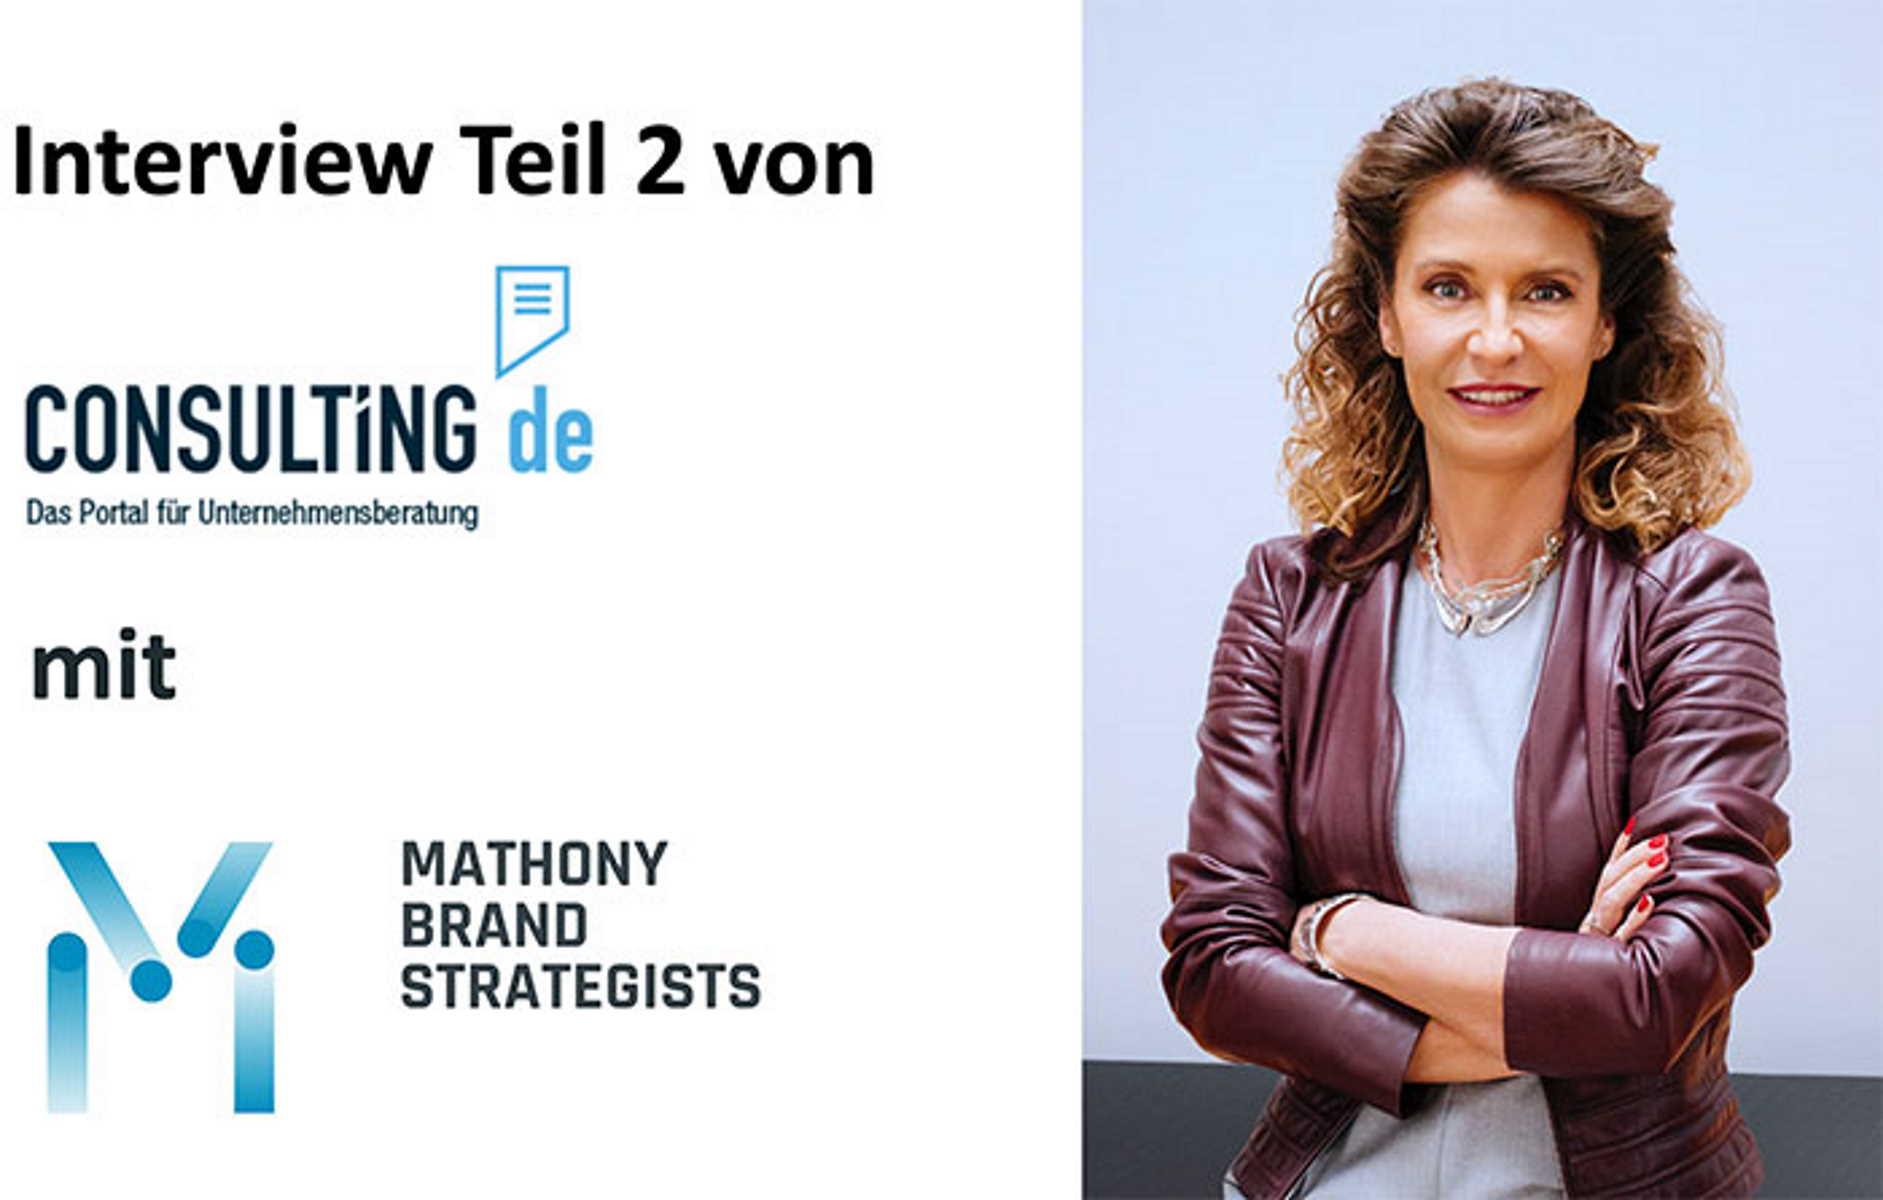 Susanne Mathony - Strategische Positionierungs Beratung